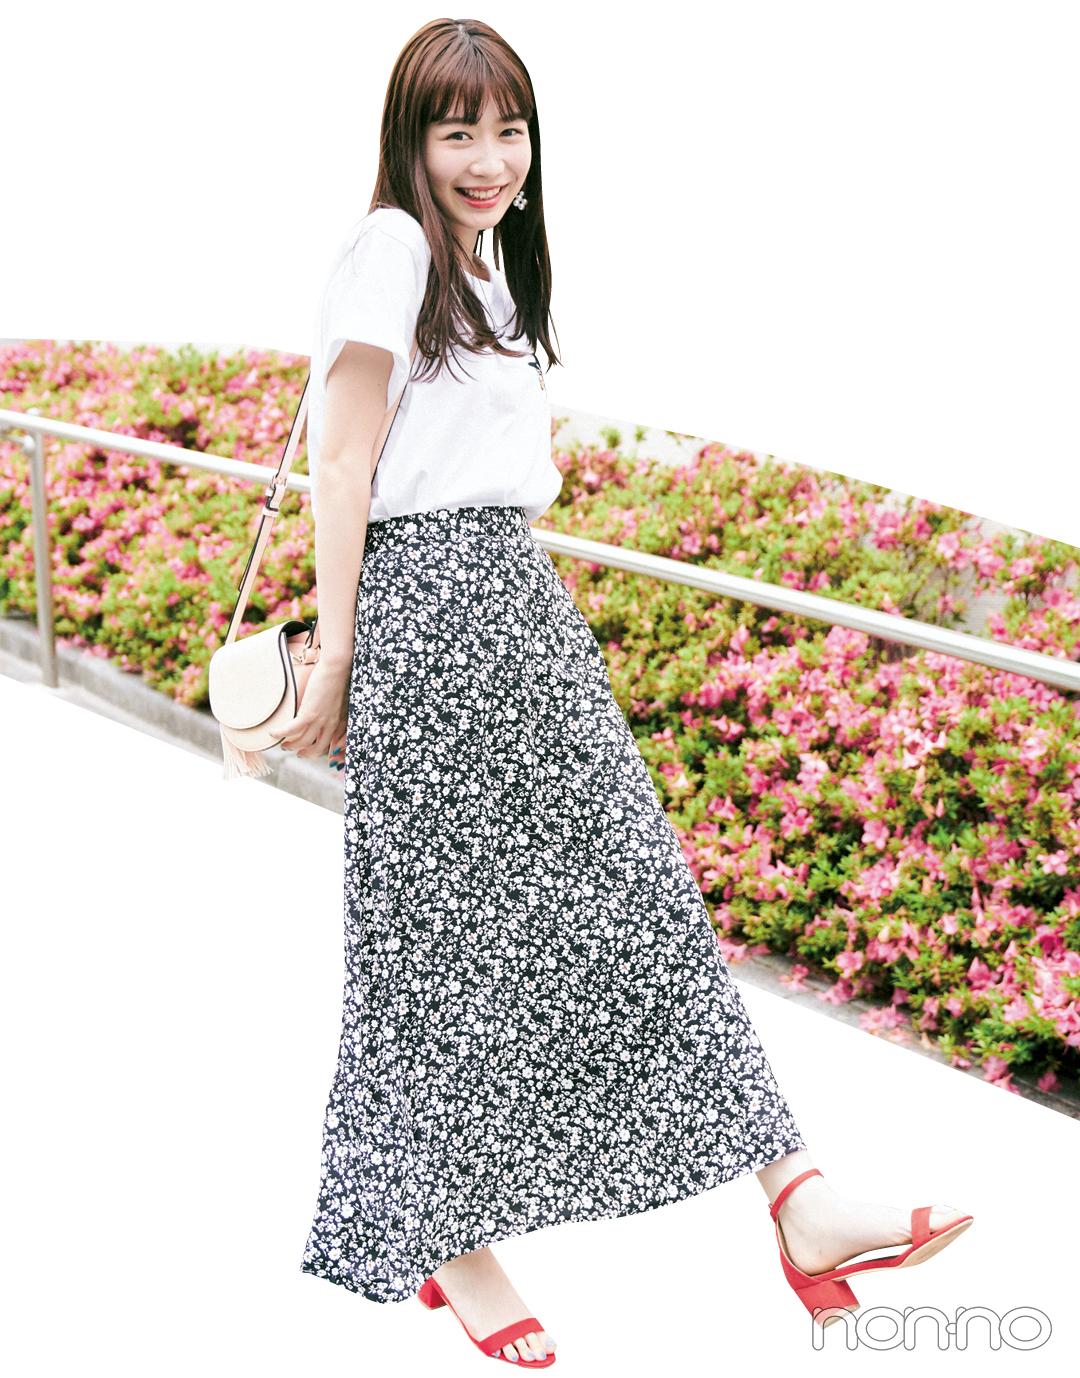 人気急上昇中! ノンノモデル岡本夏美の夏おしゃ&夏メイク_1_2